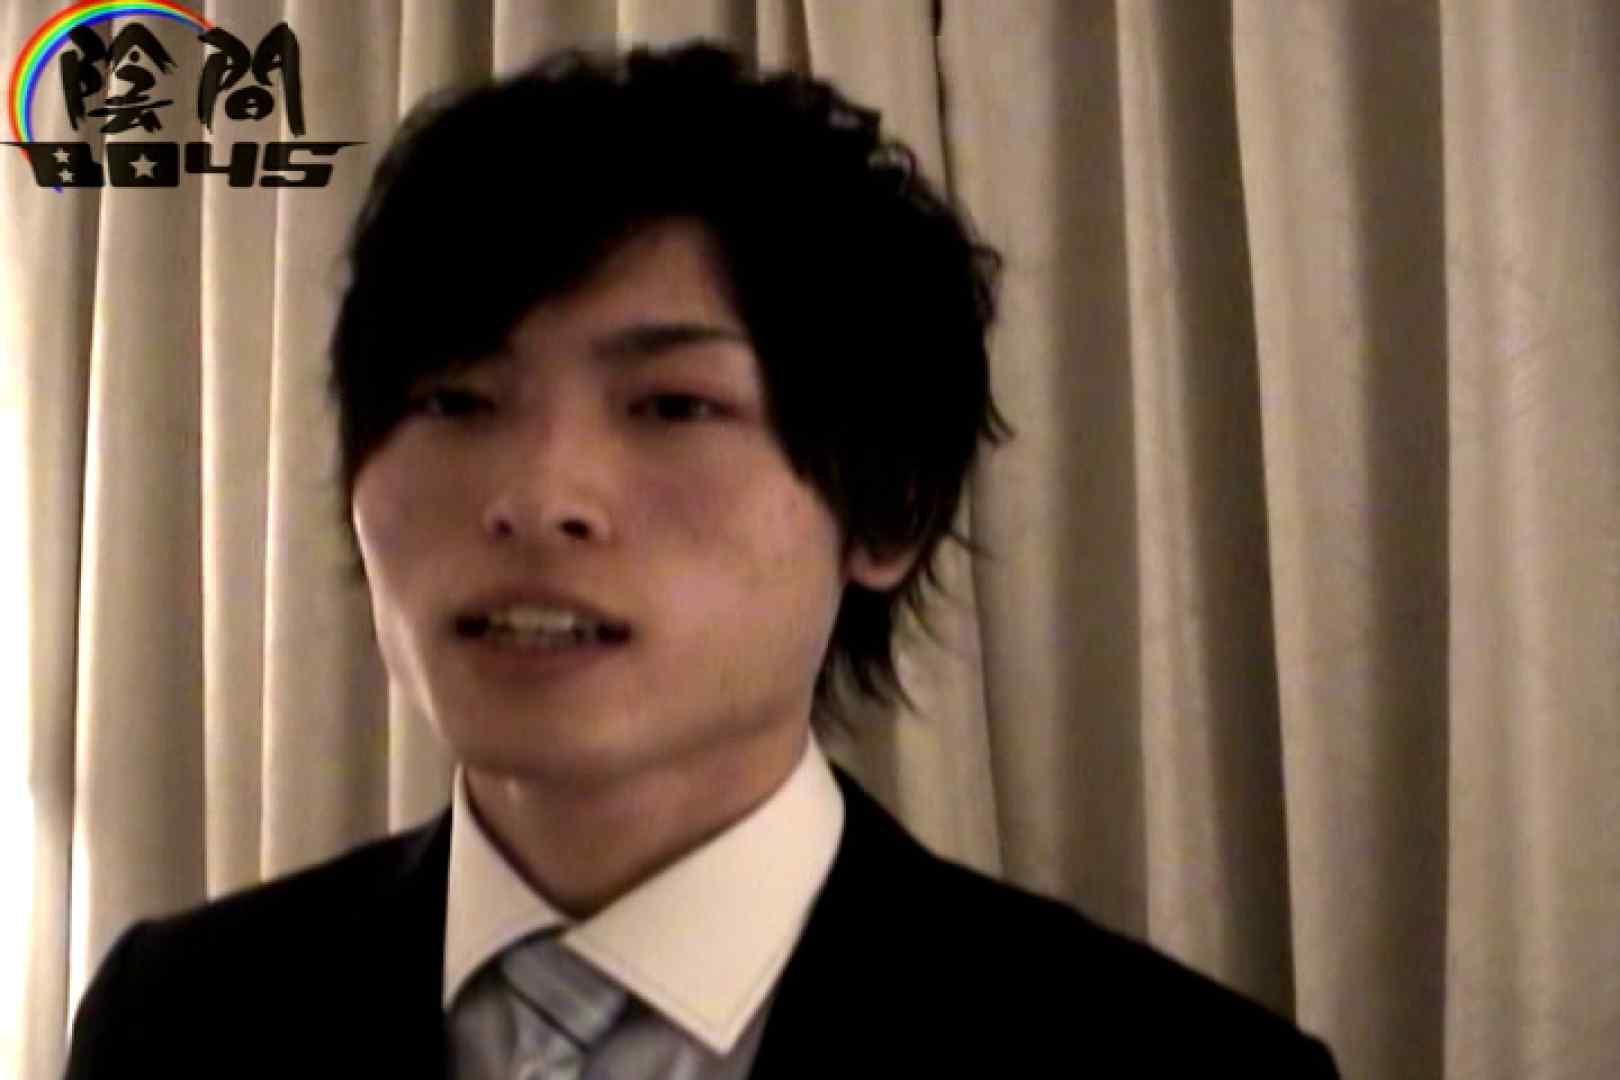 陰間BOYS~IKEMEN Interview~01  アナル  74pic 46